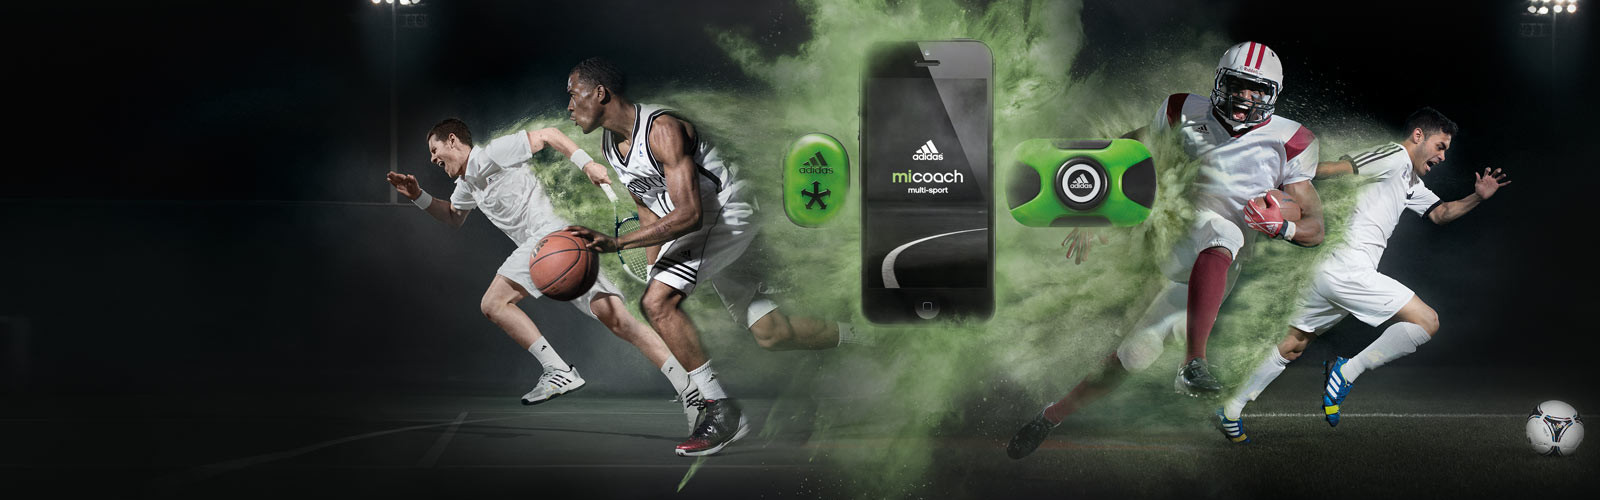 Adidas entra nel mercato dei dispositivi Wearable e apre nuovi scenari di business e customer engagement